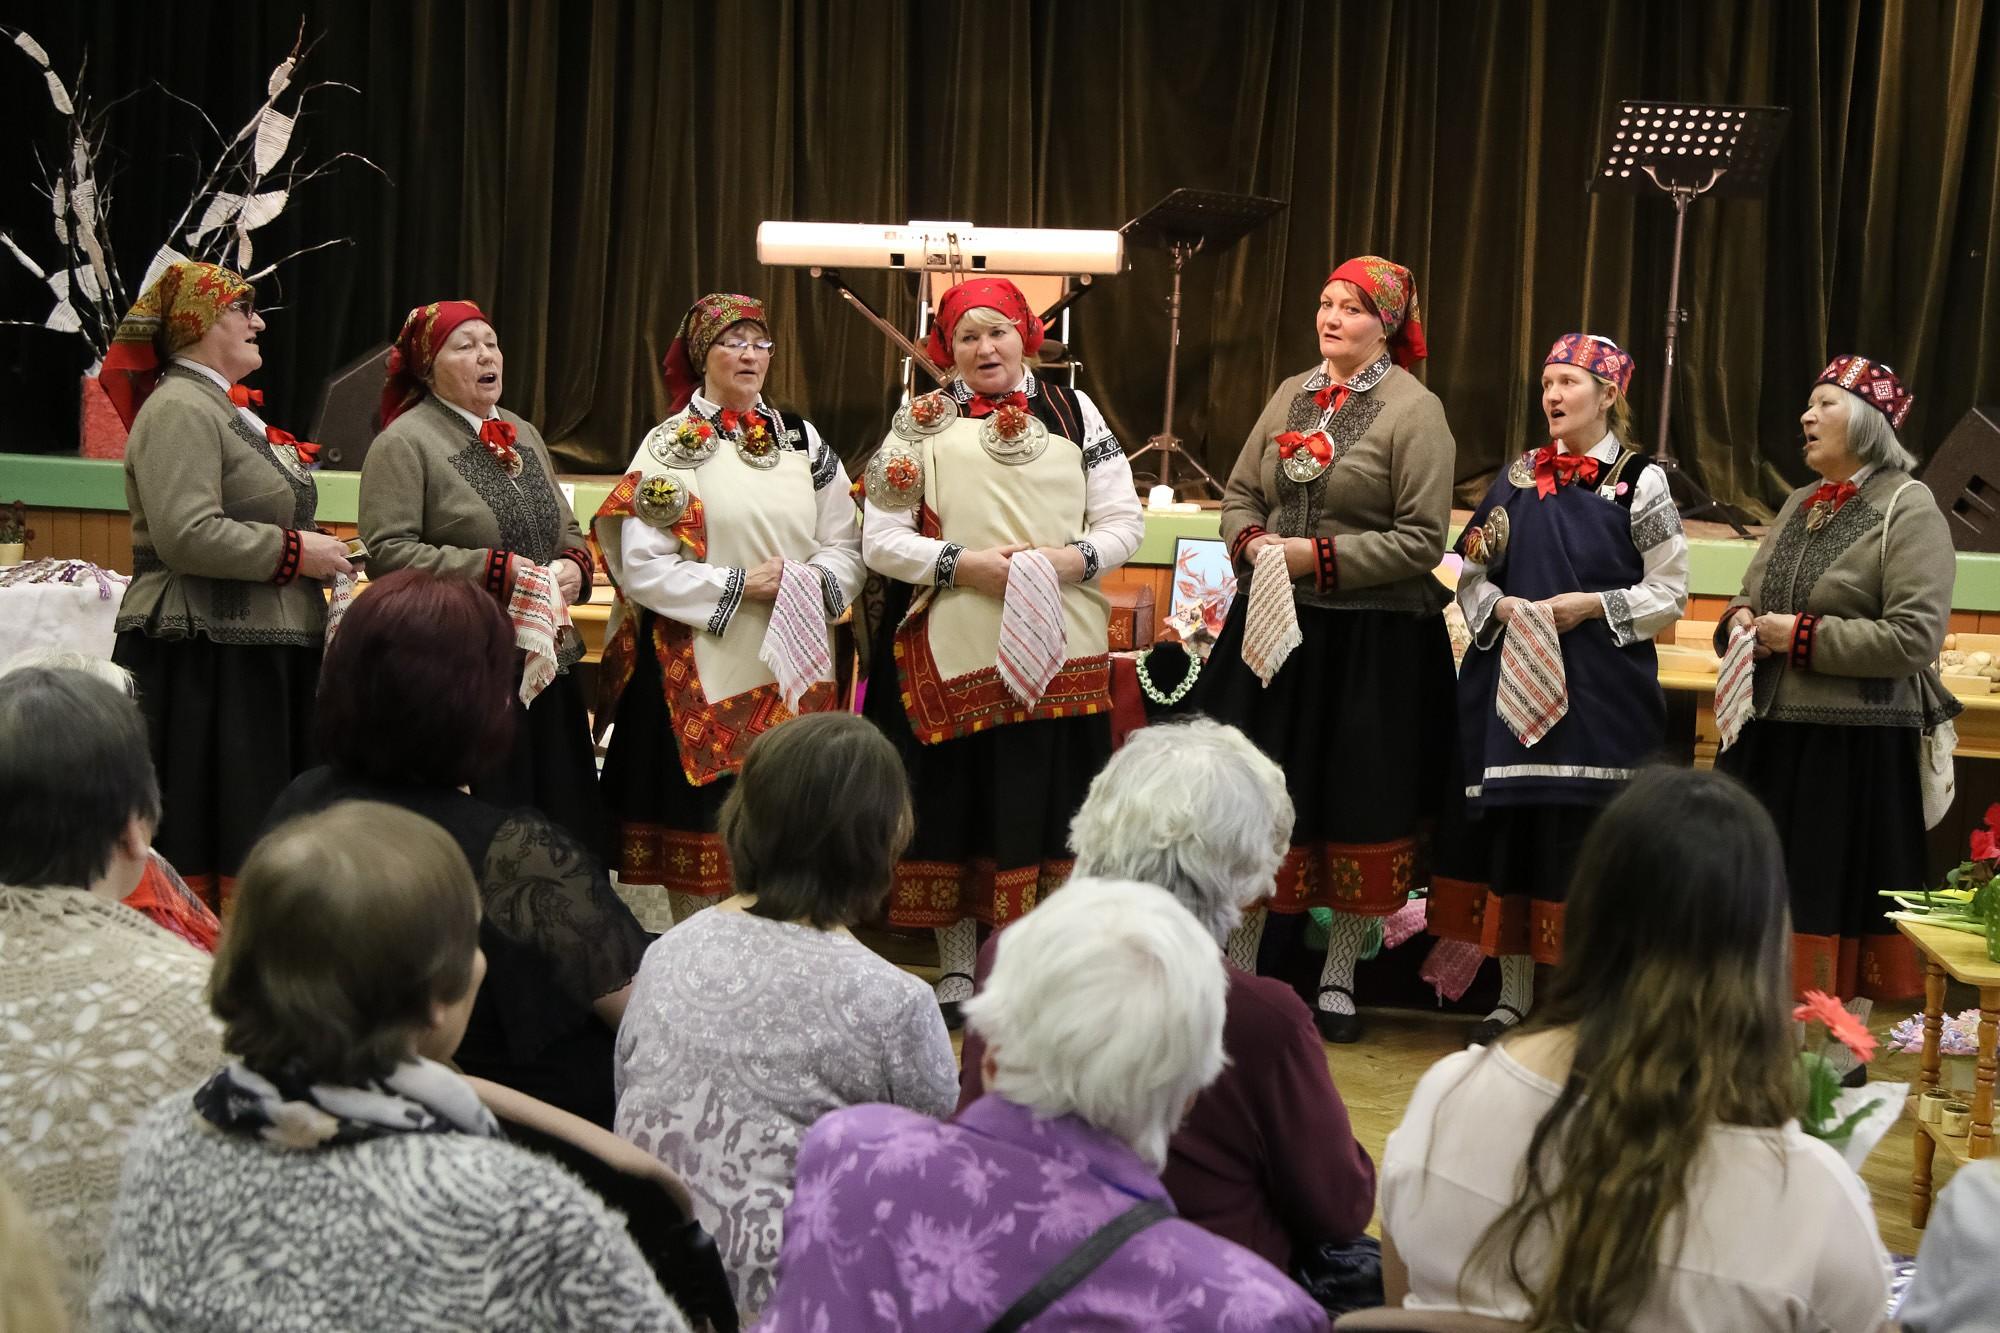 Bārtas etnogrāfiskais ansamblis aicina jubileju svinēt kopā